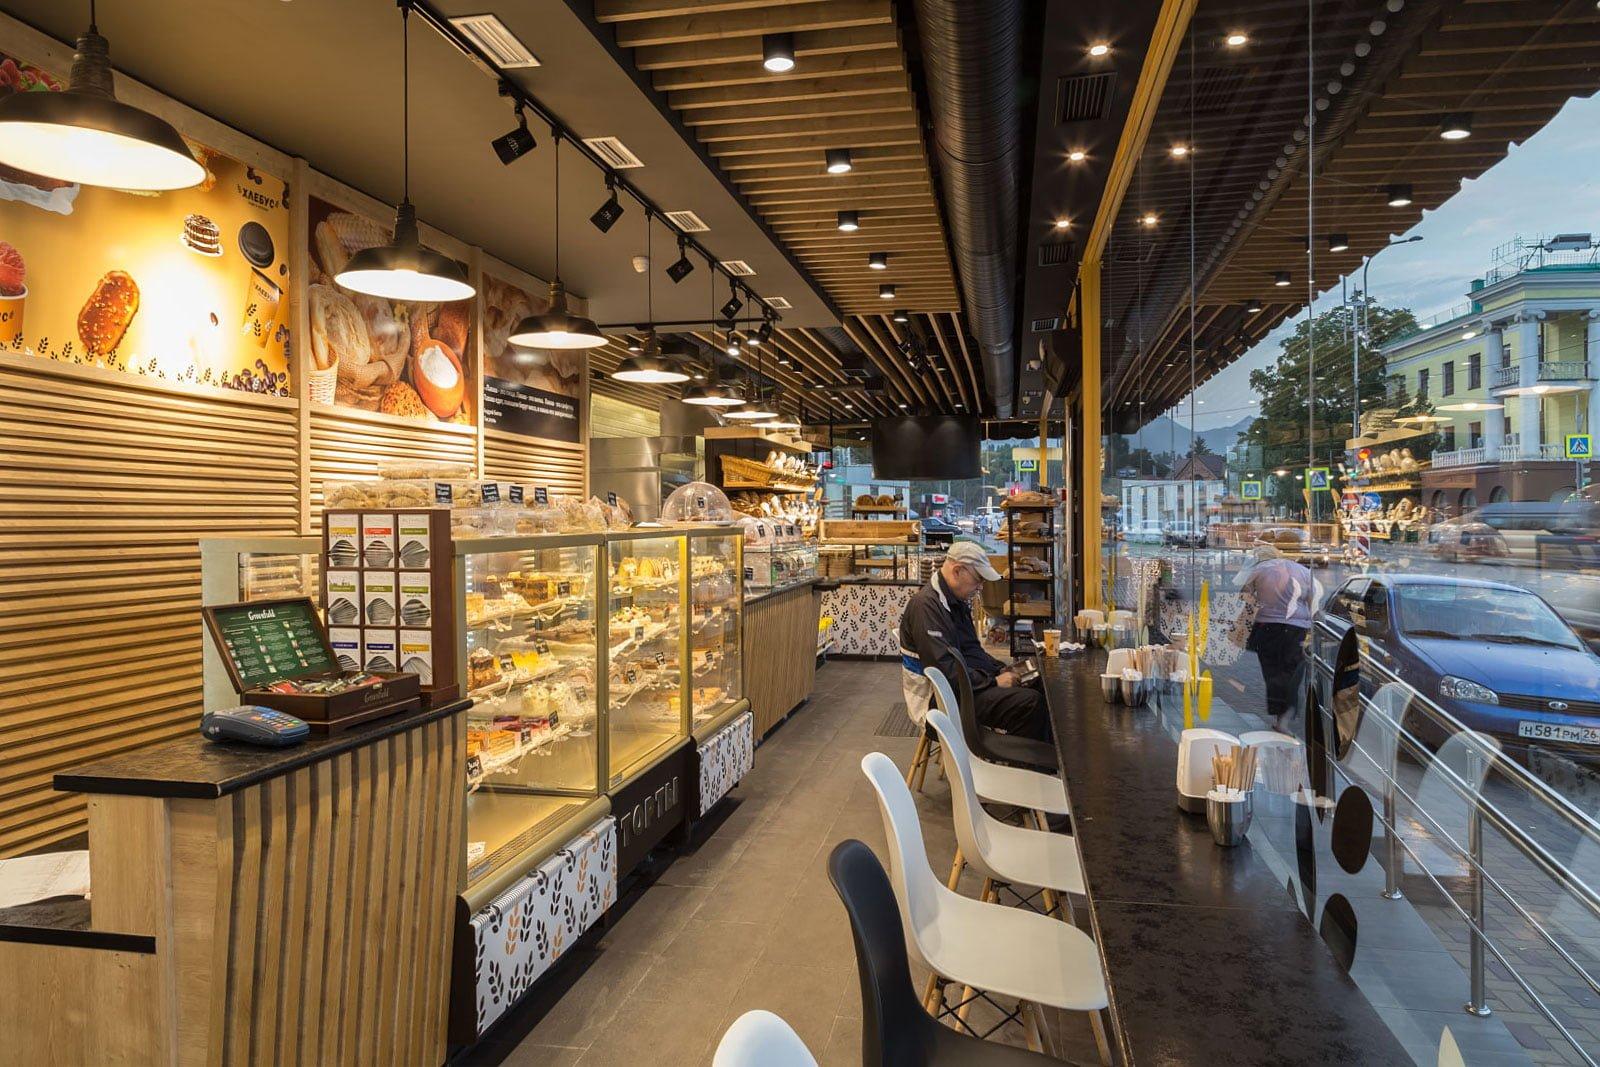 fotografiya torgovogo zala kafe v pekarne s vypechkoy i posetitelyami